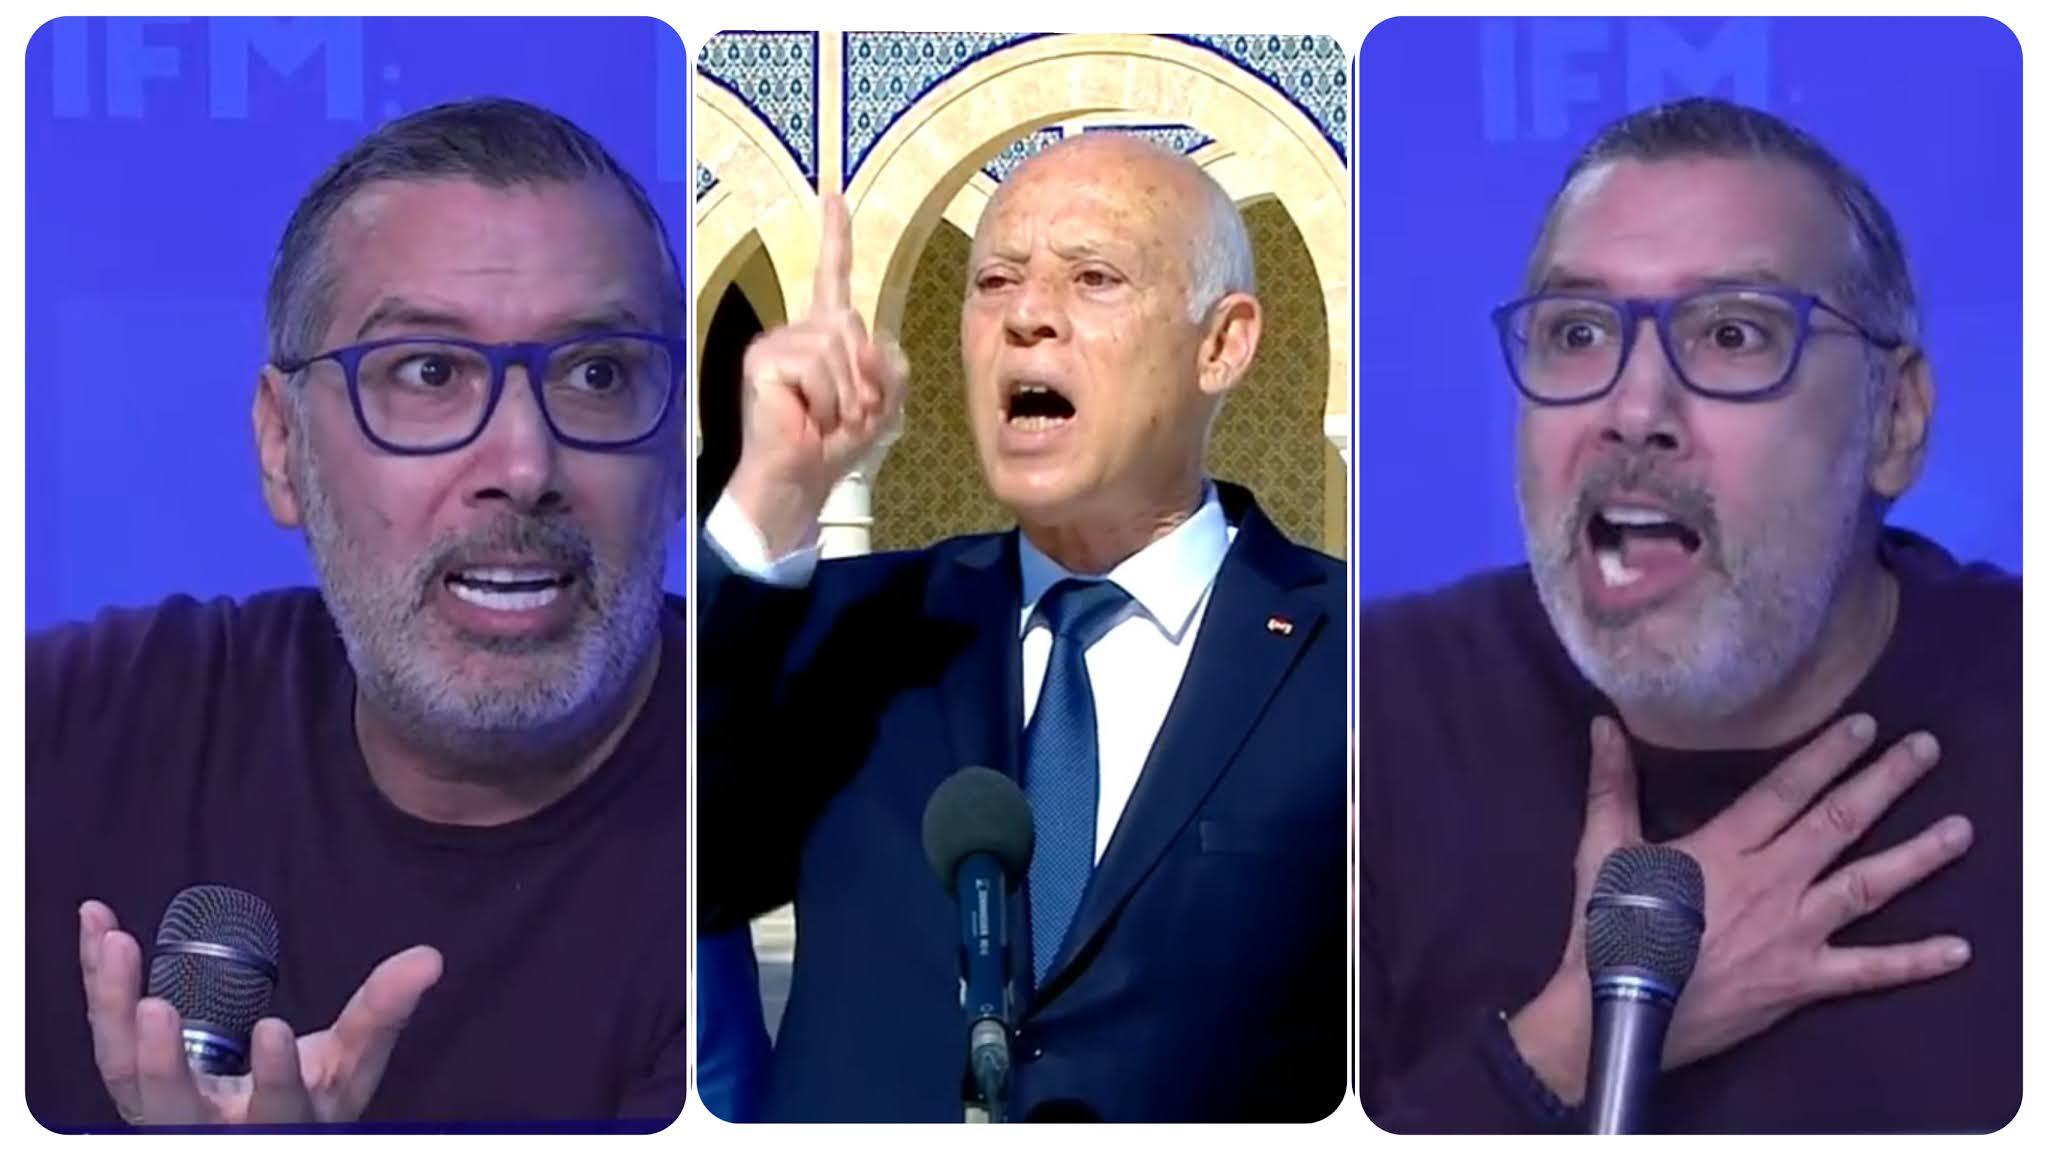 برهان بسيس يهاجم و يسخر من رئيس الجمهورية قيس سعيد على المباشر؟